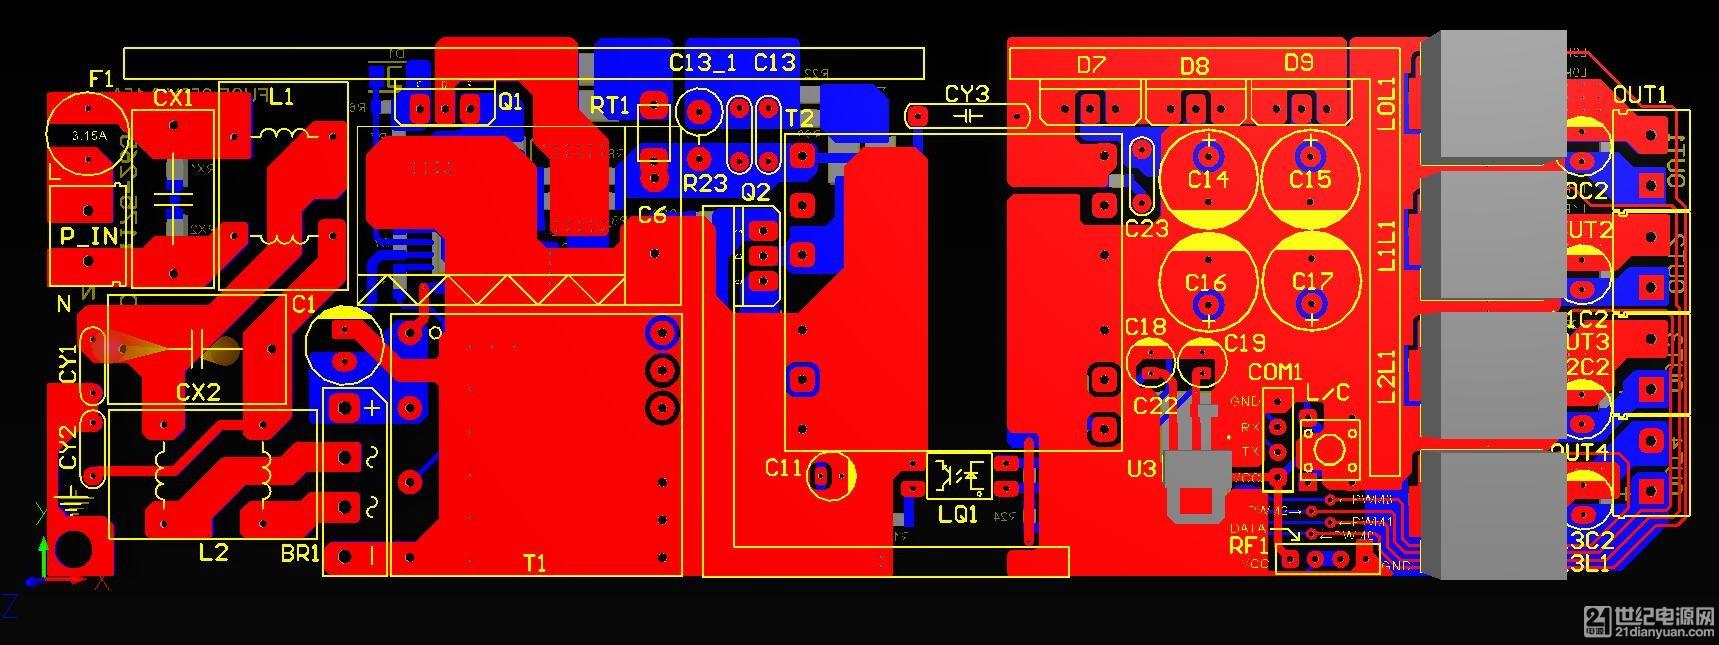 历届会议资料    单片机和恒压部分   单片机采用了 宏晶stc15w4k32s4